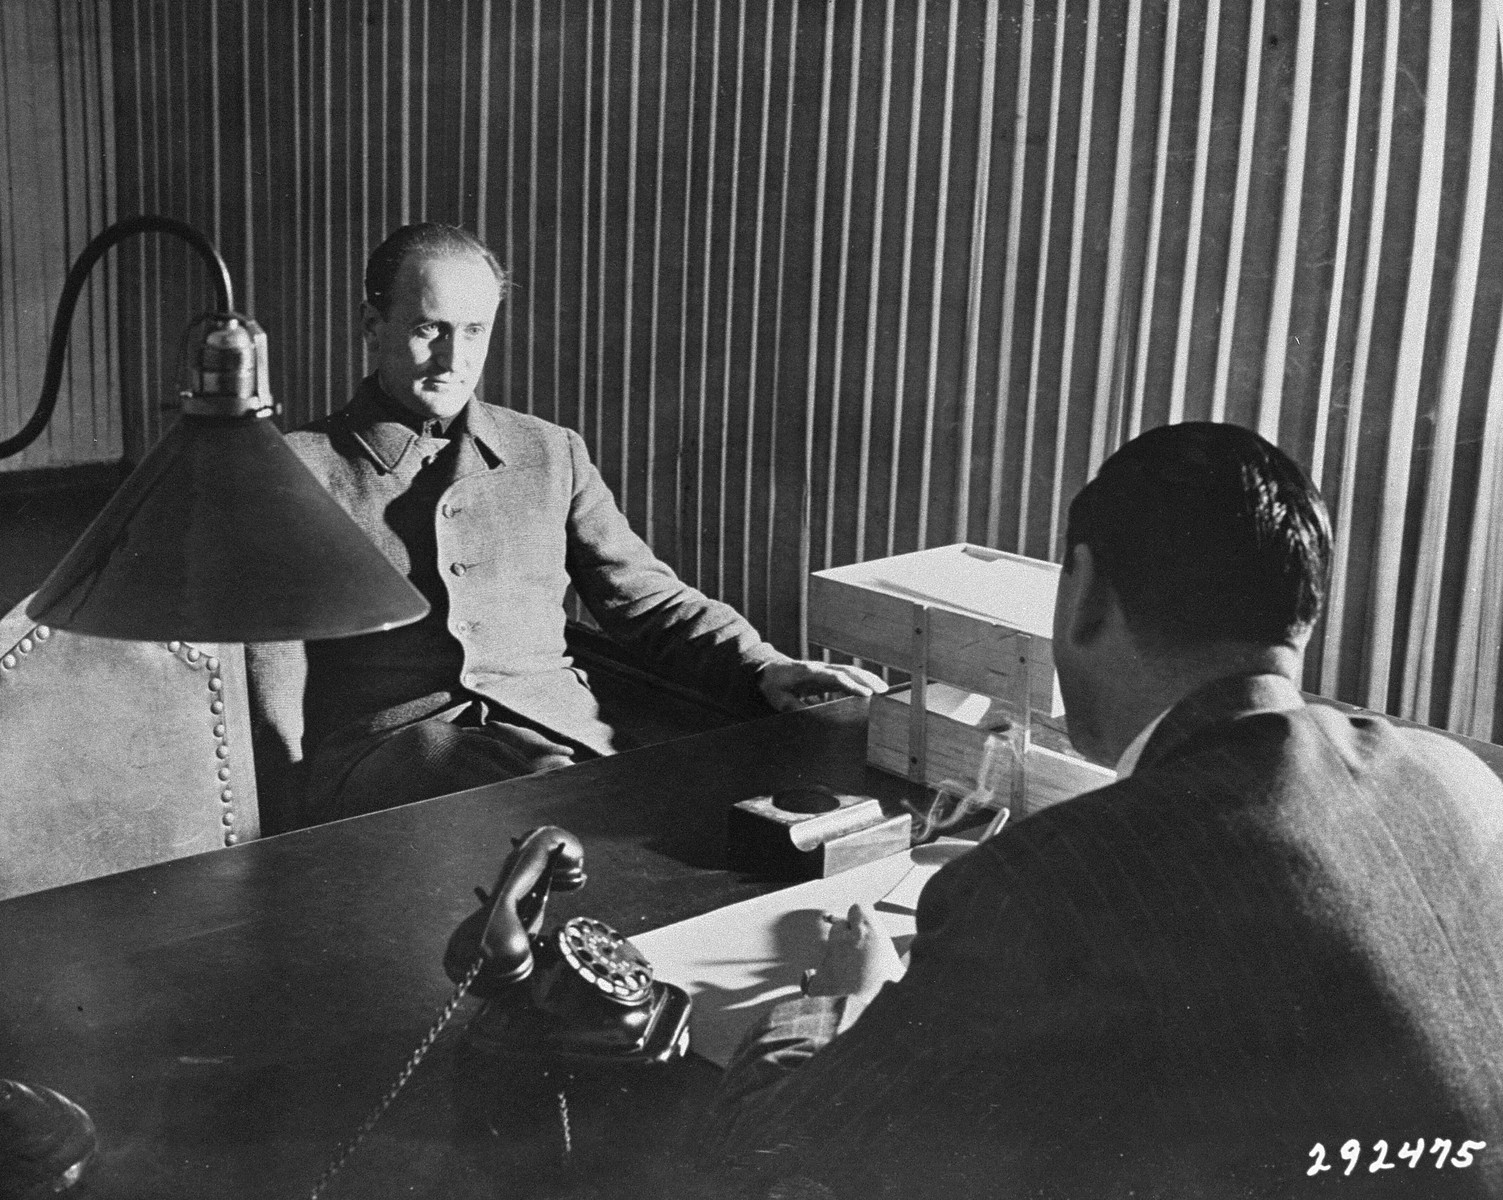 File:Arthur Axmann in Nürnberg.jpg